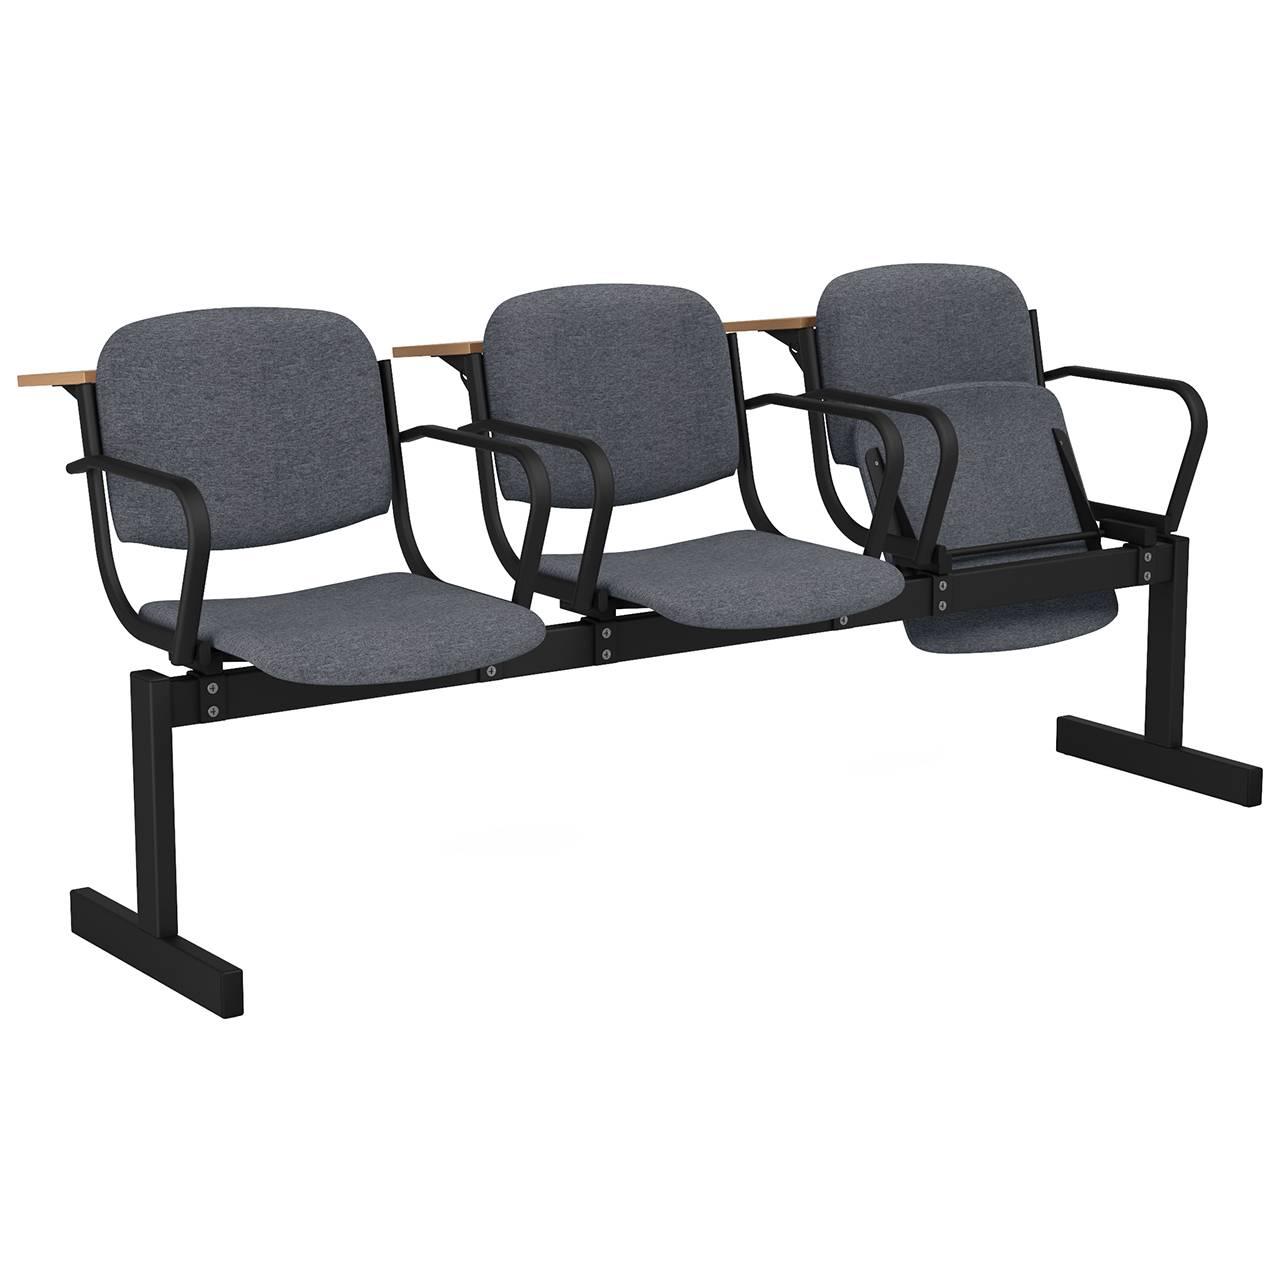 3-местный, откидывающиеся сиденья, мягкий, подлокотники, лекционный черный серый Офисная ткань